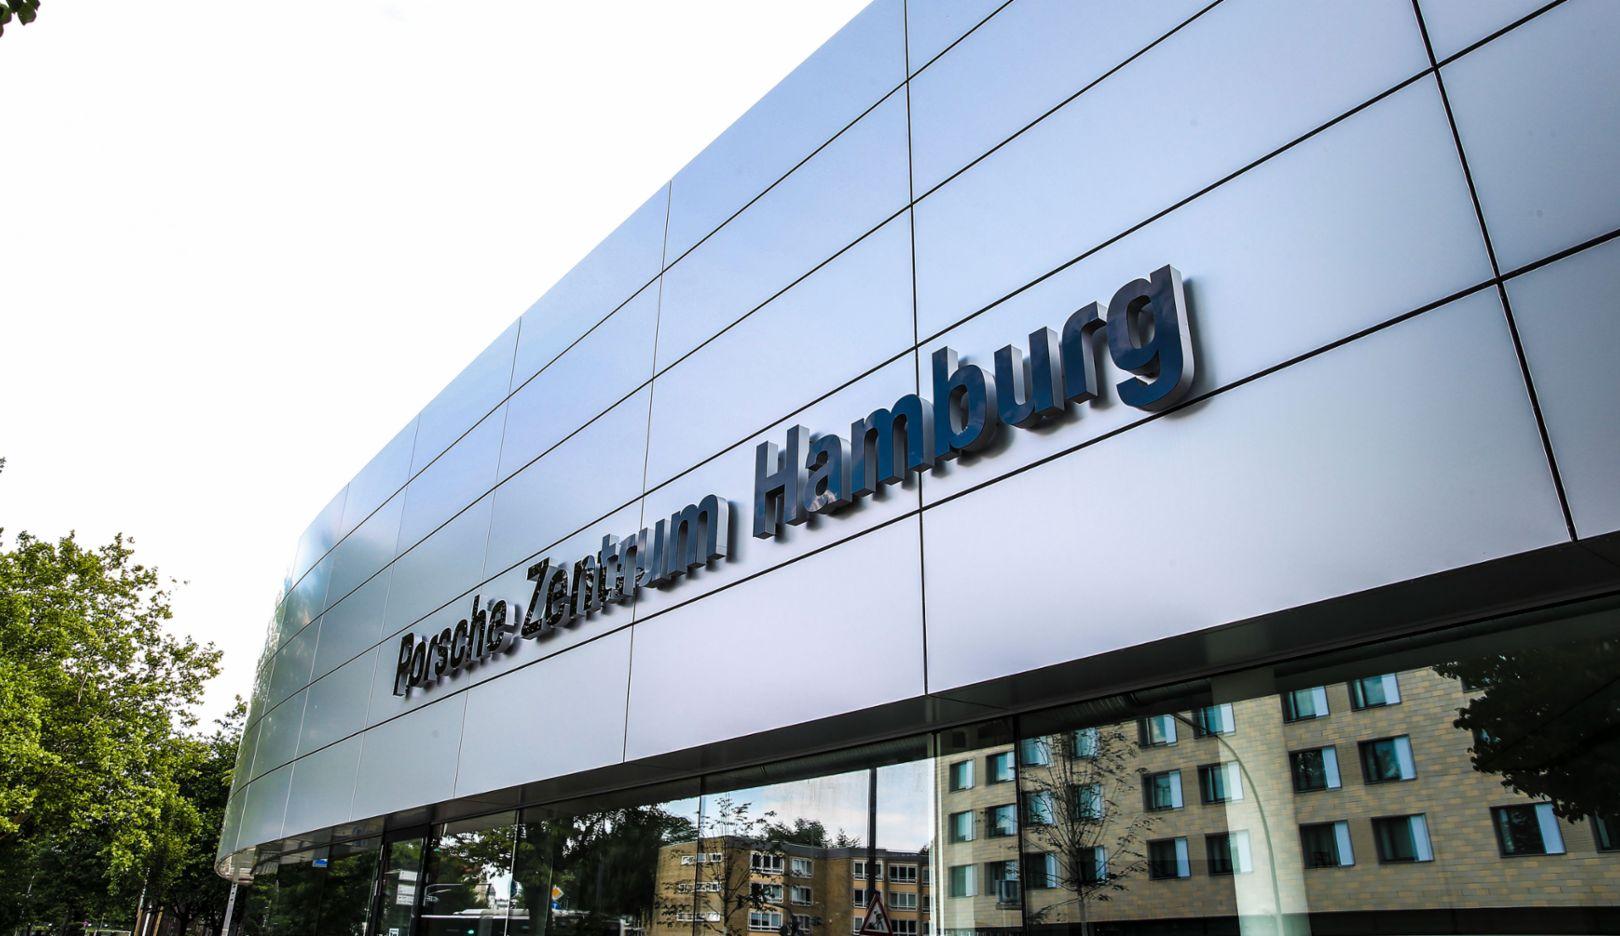 Porsche Zentrum Hamburg, 2018, Porsche AG